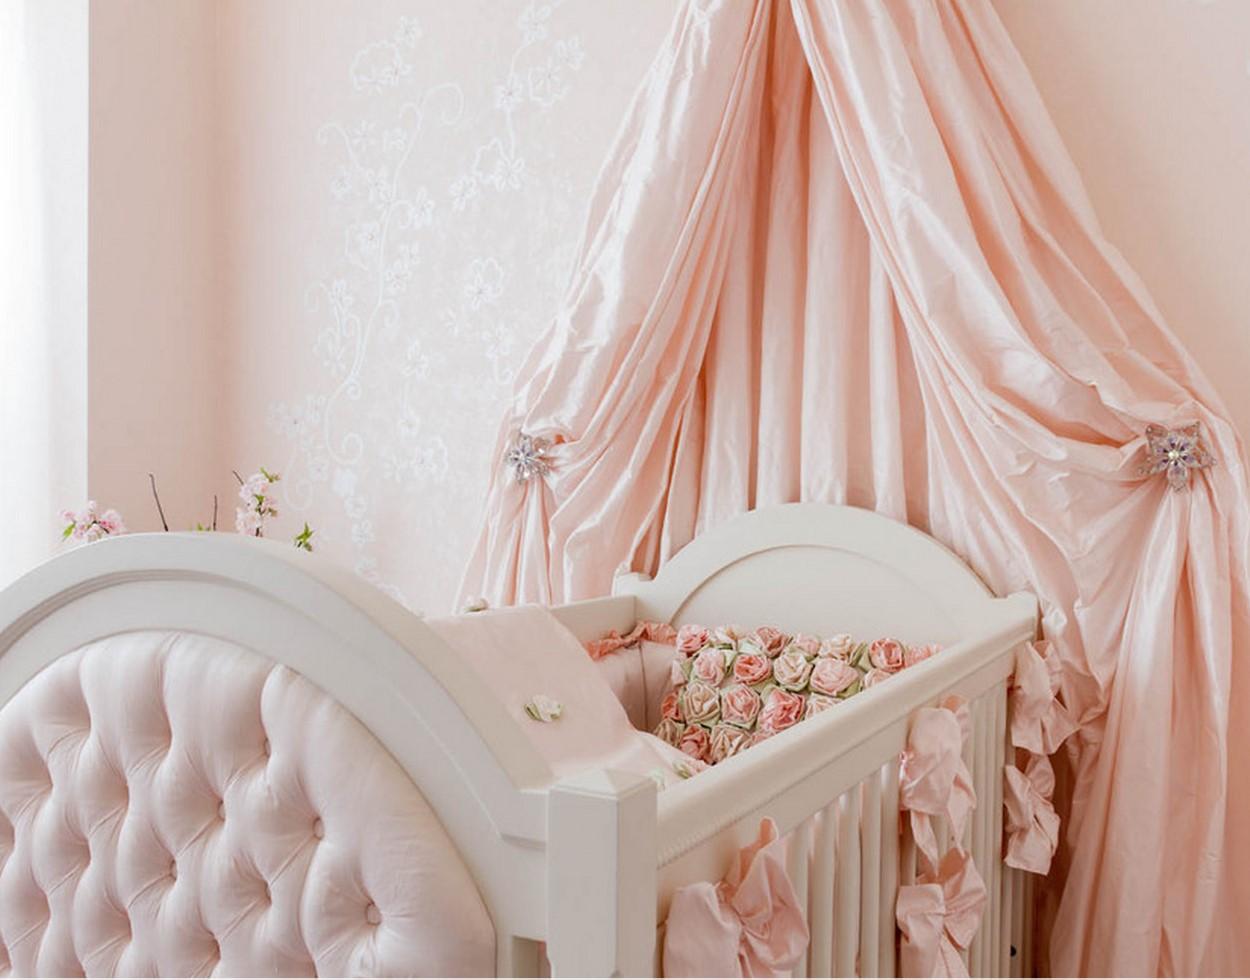 Балдахін над дитячим ліжком